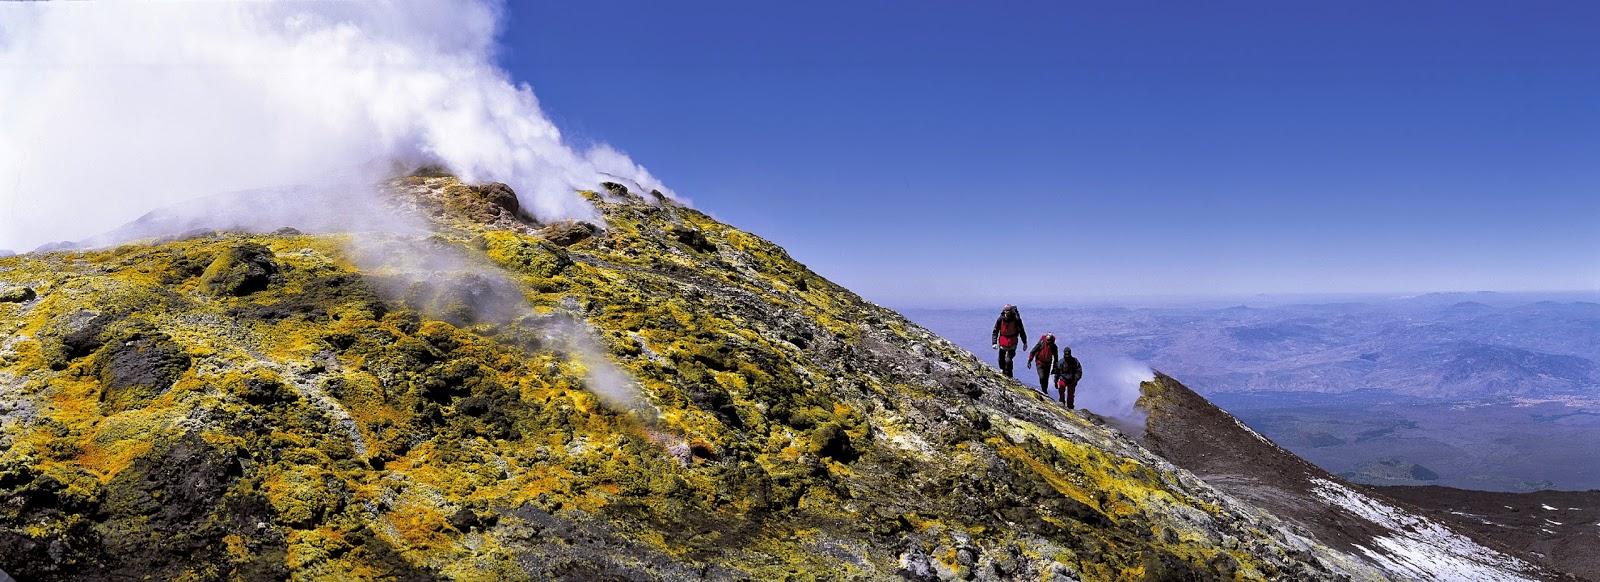 trekking entre volcanes, una experiencia única